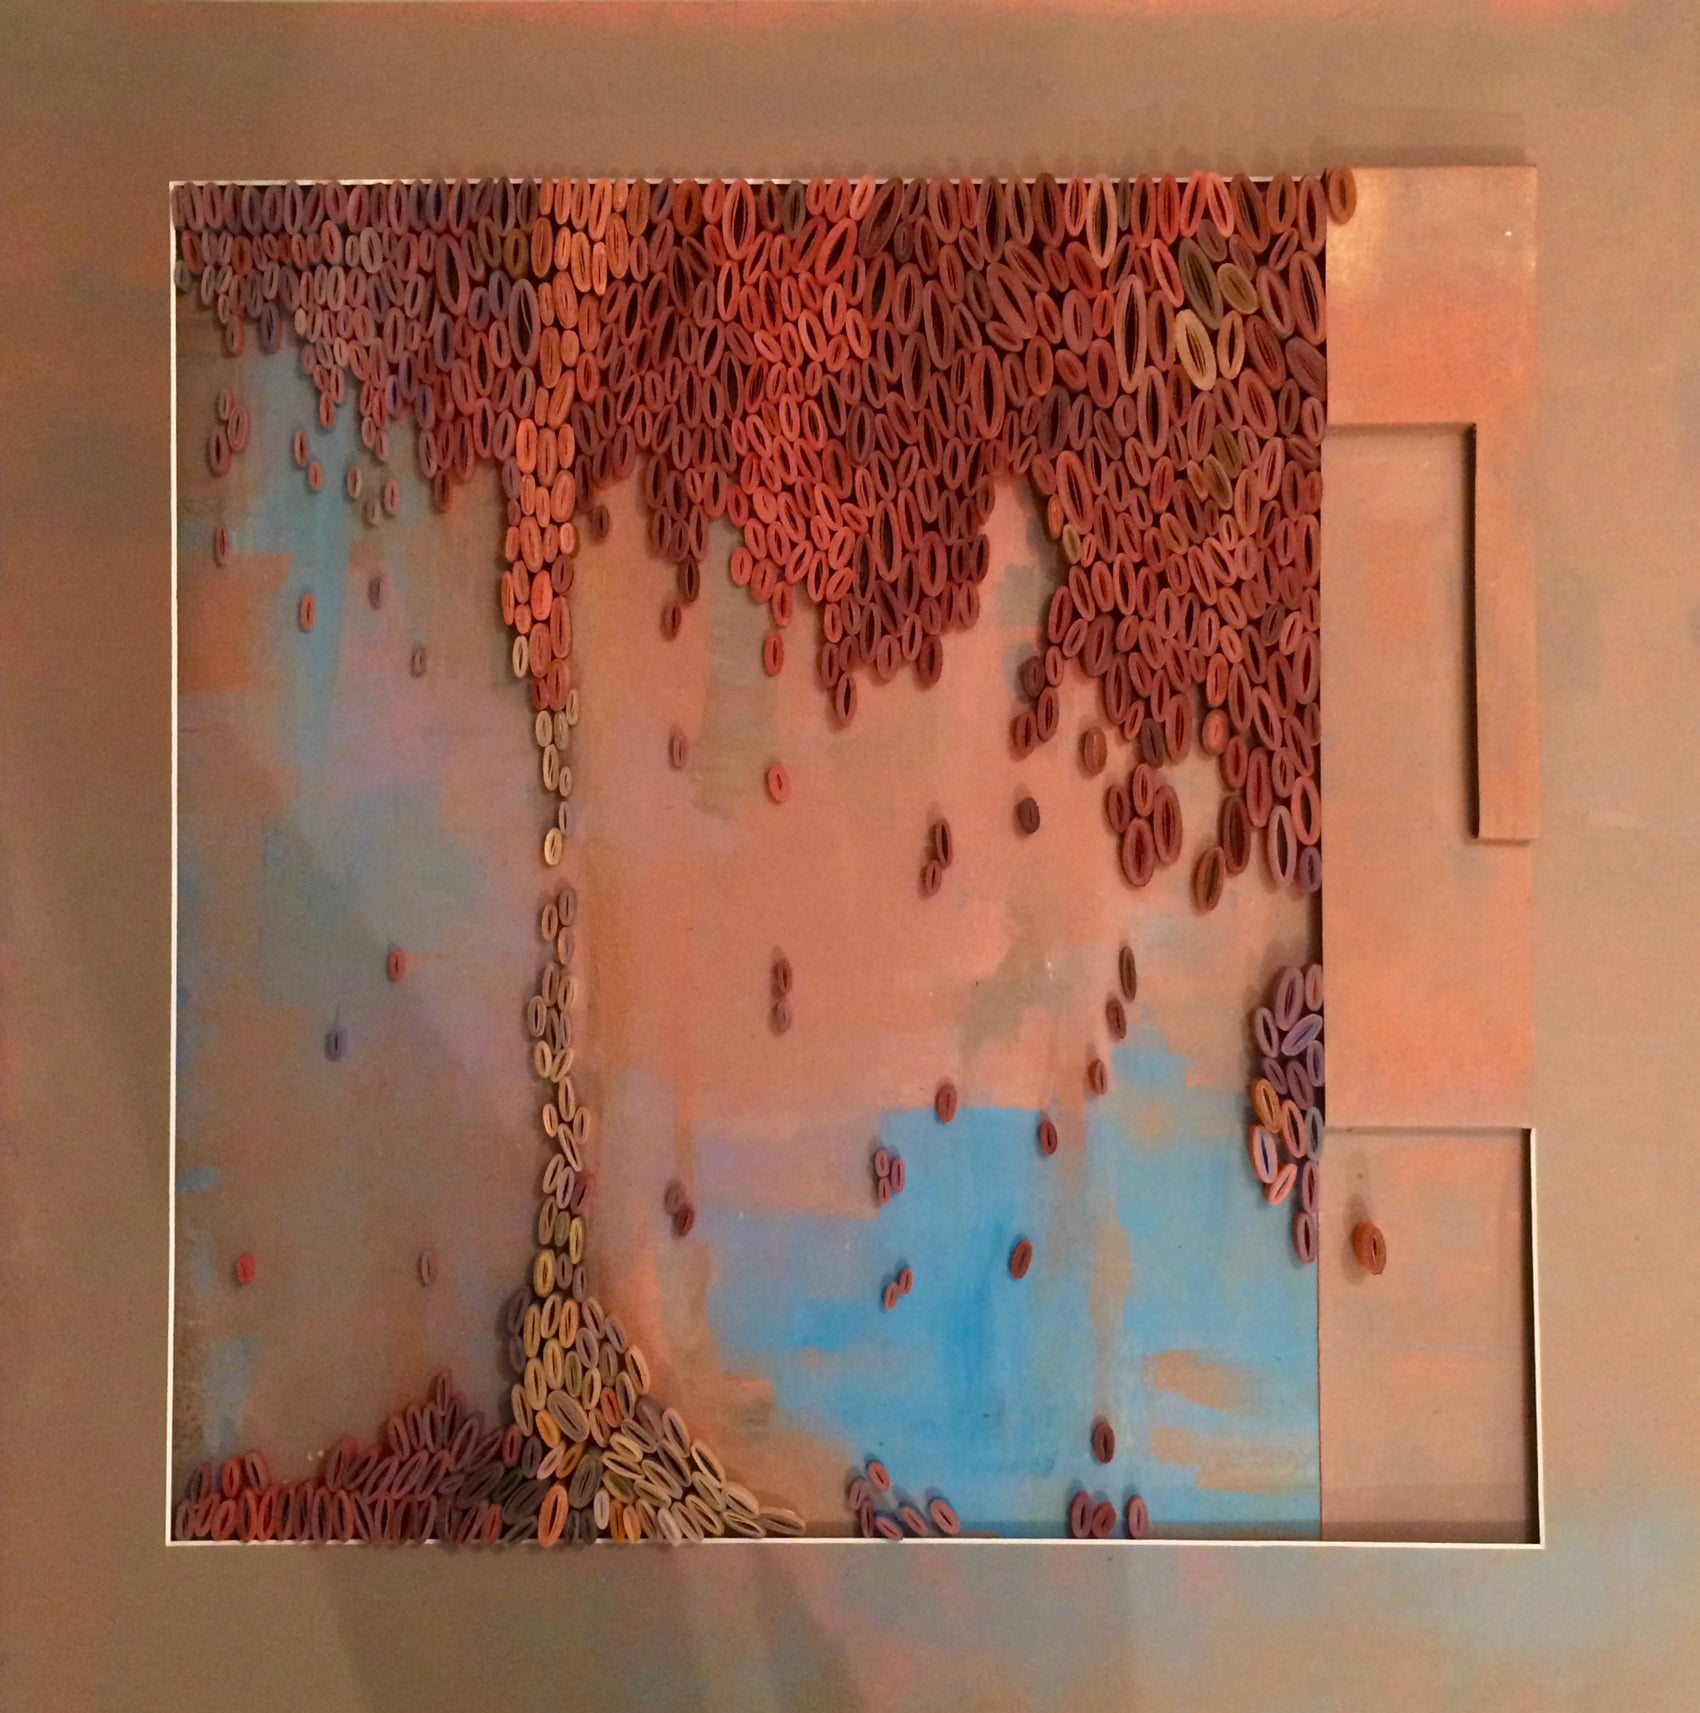 Nanou Autin, Volumes, Migration, Papier plié, enroulé, acrylique 75,5x75,5 cm – 2020